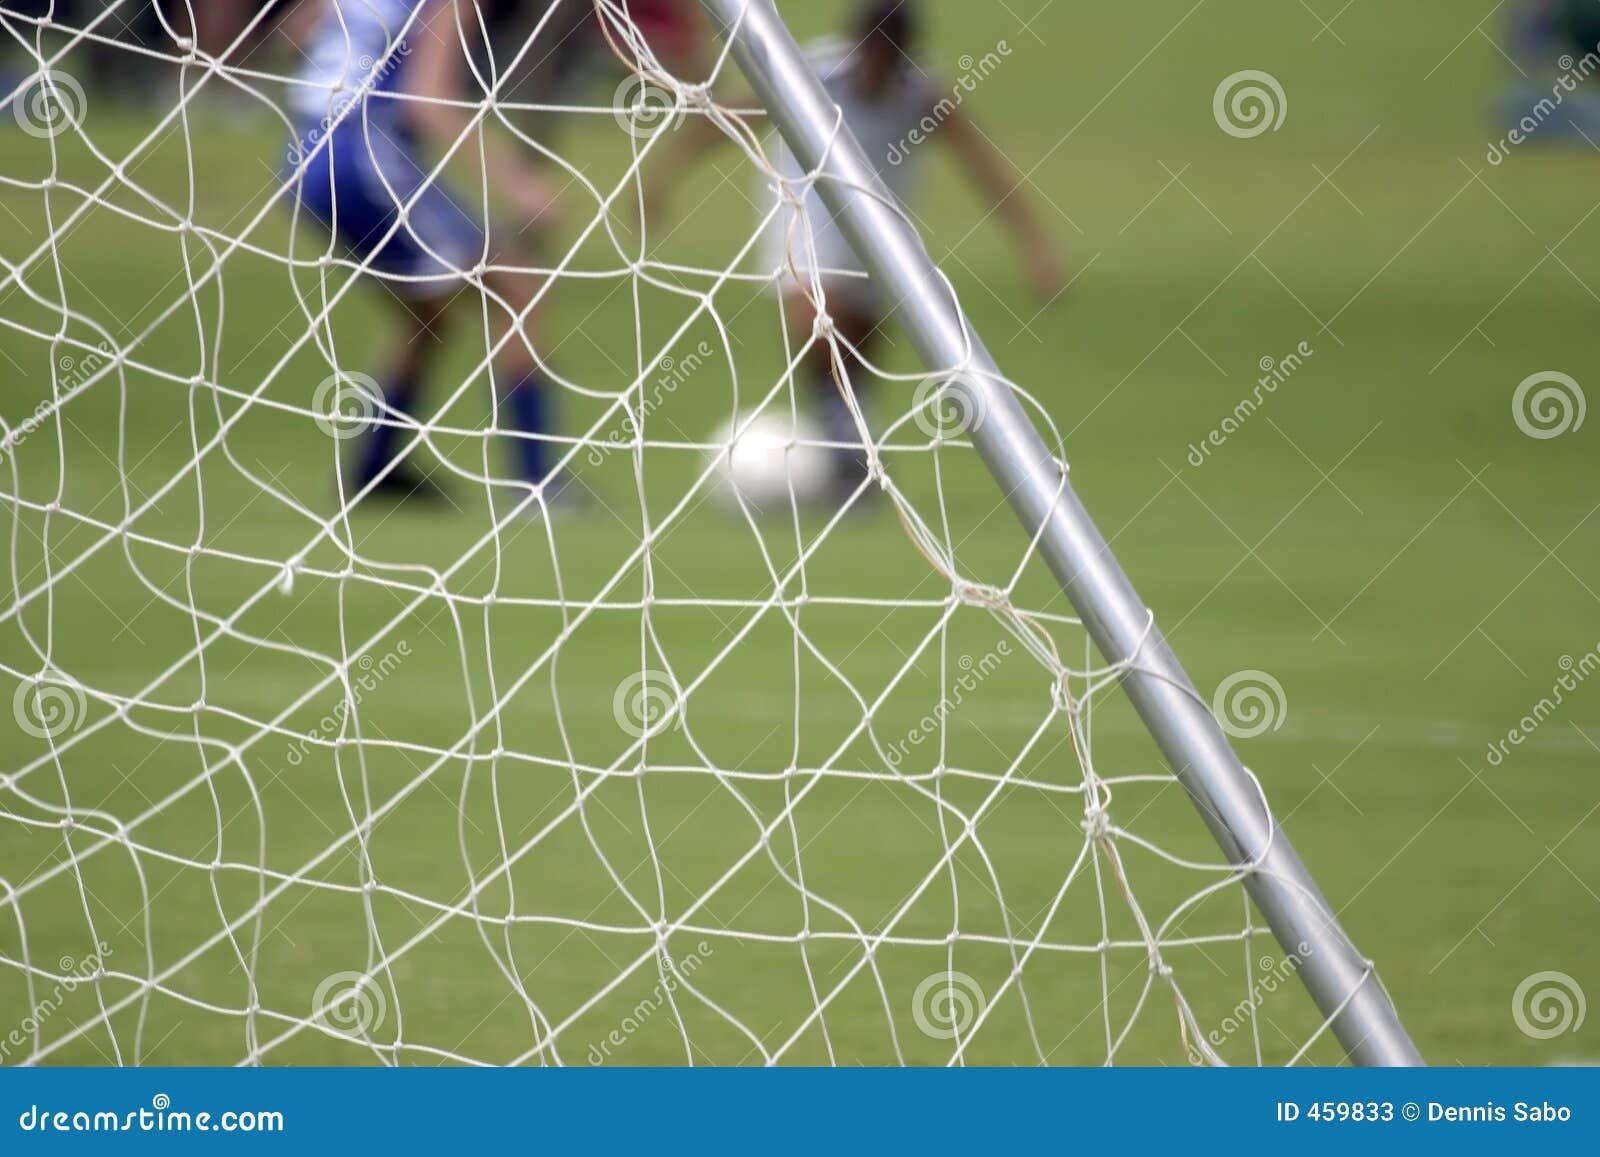 Rede do futebol